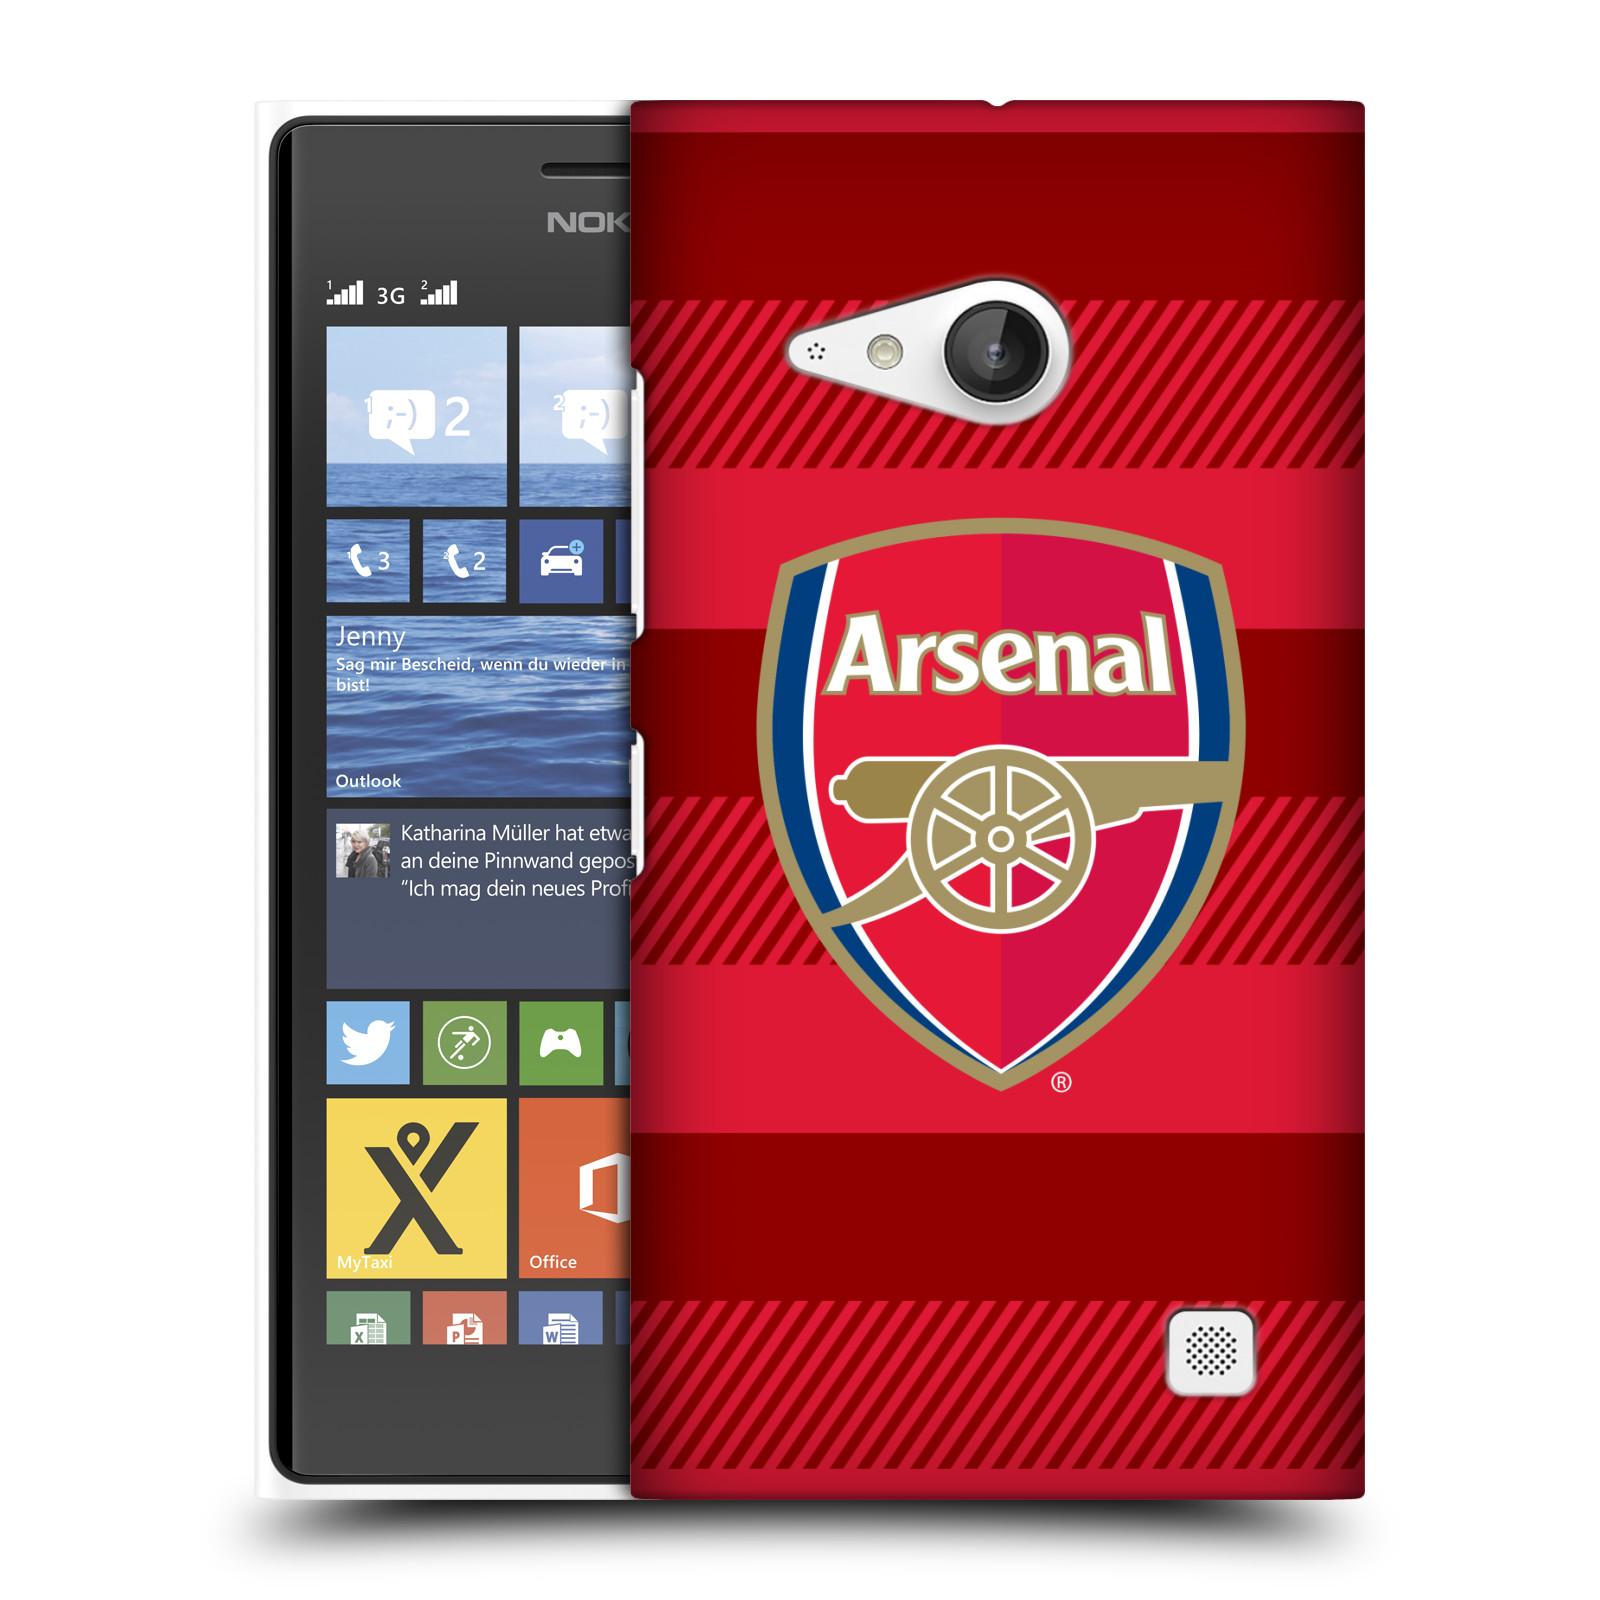 Plastové pouzdro na mobil Nokia Lumia 735 - Head Case - Arsenal FC - Logo s pruhy